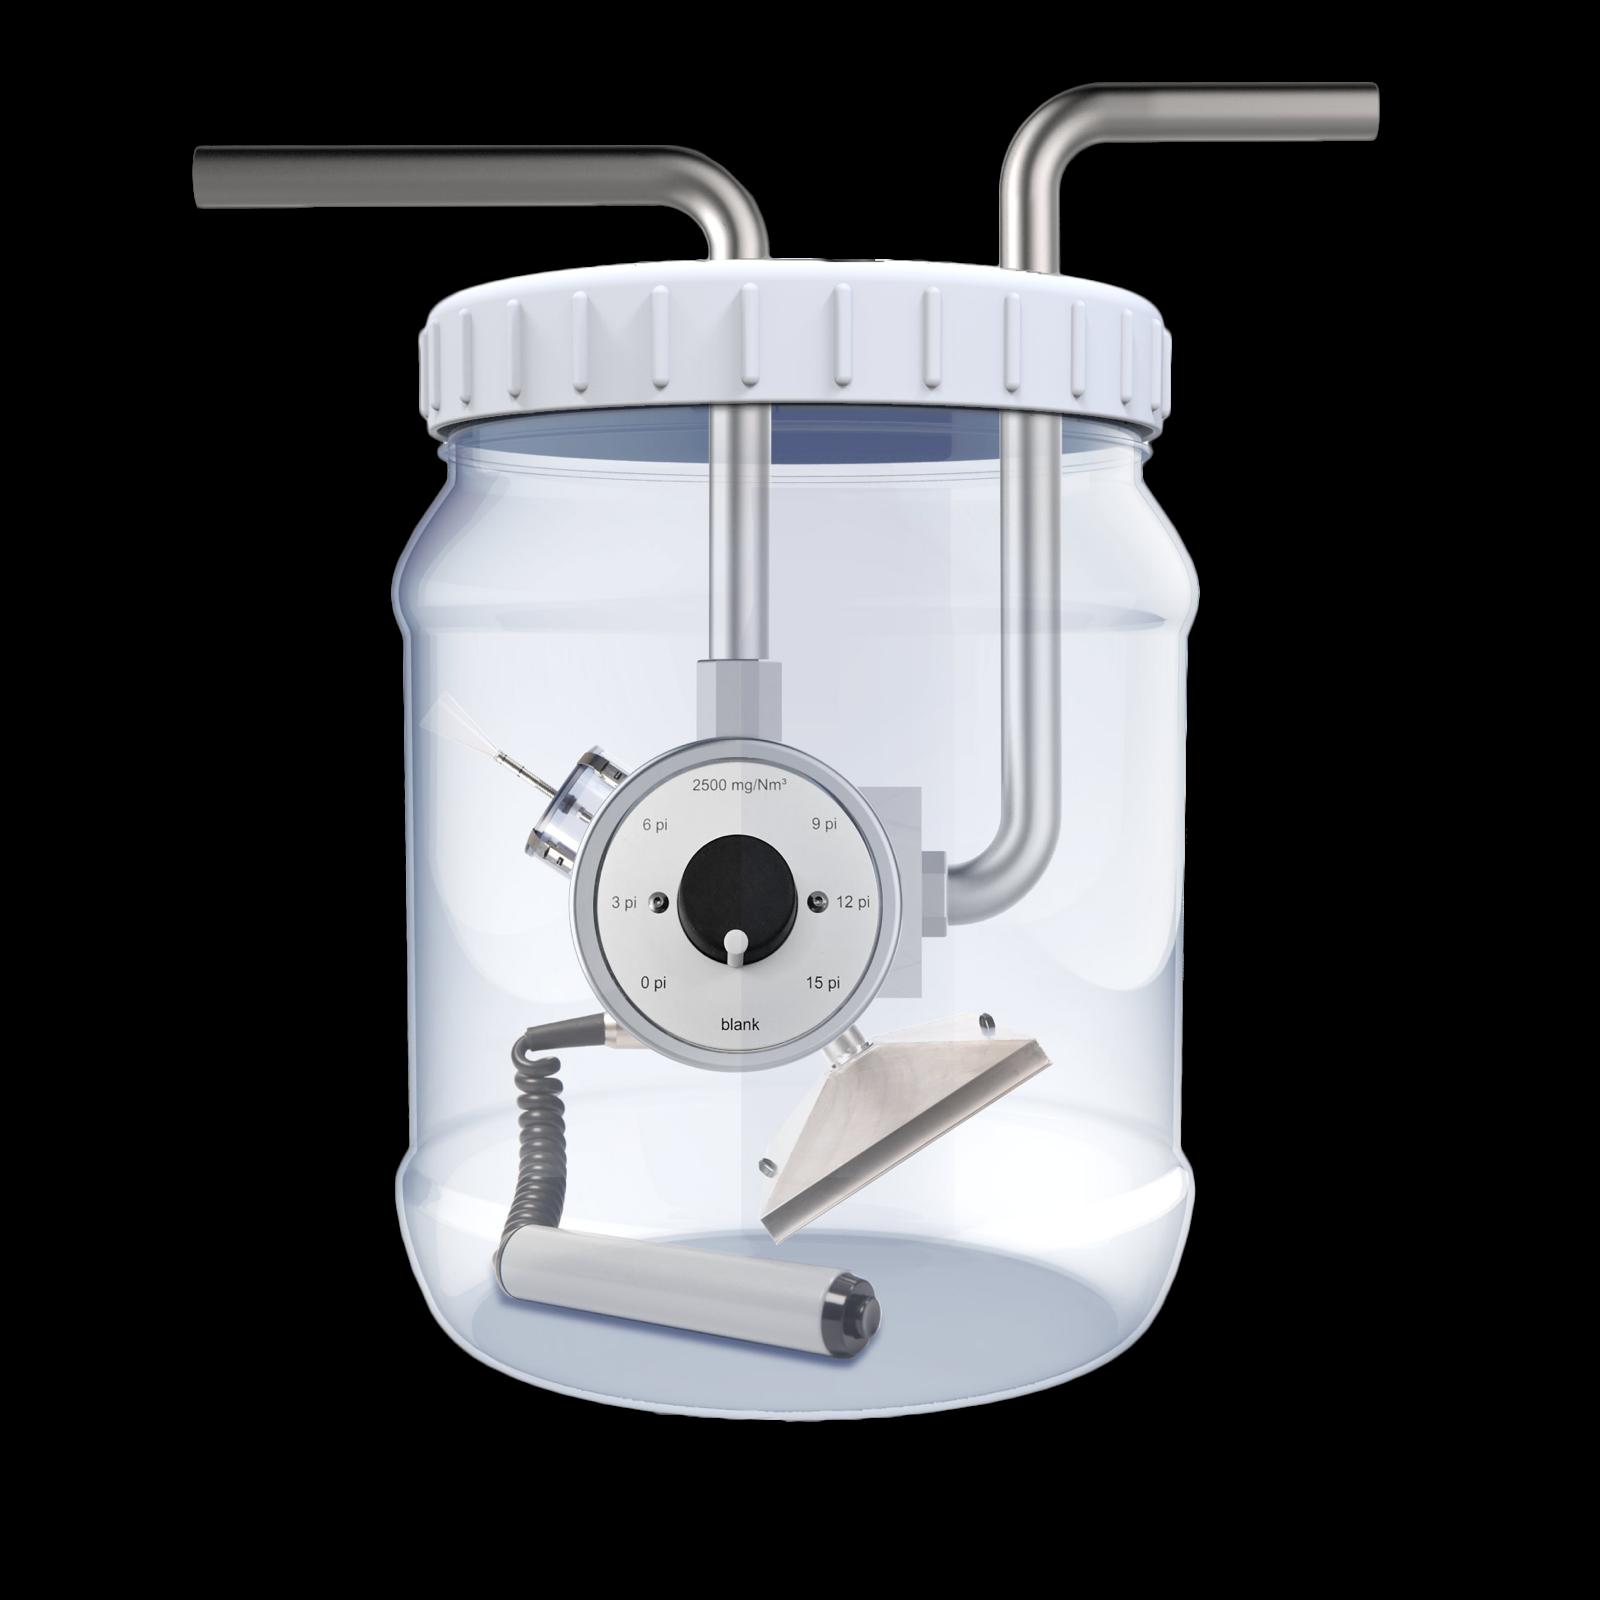 Odour measurement equipment